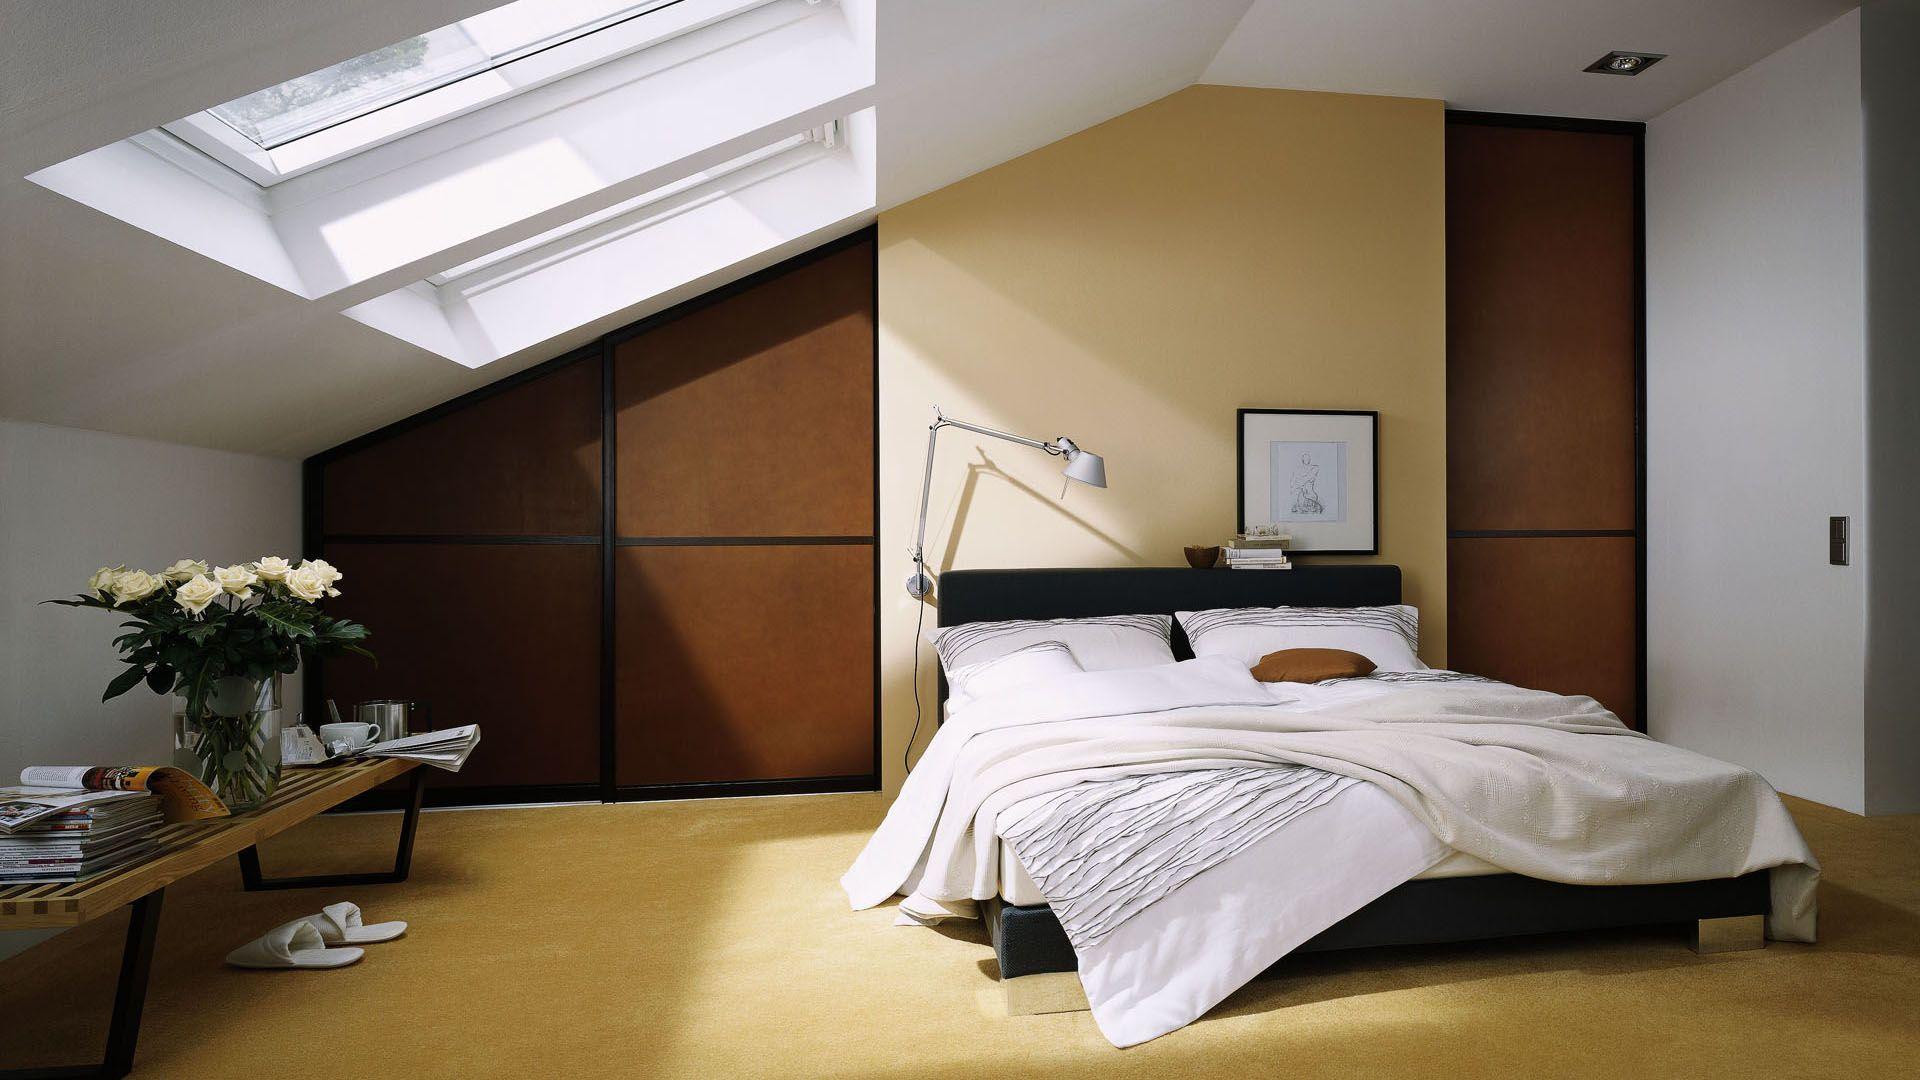 дизайн спальни на мансарде почему она стоит того 40 фото